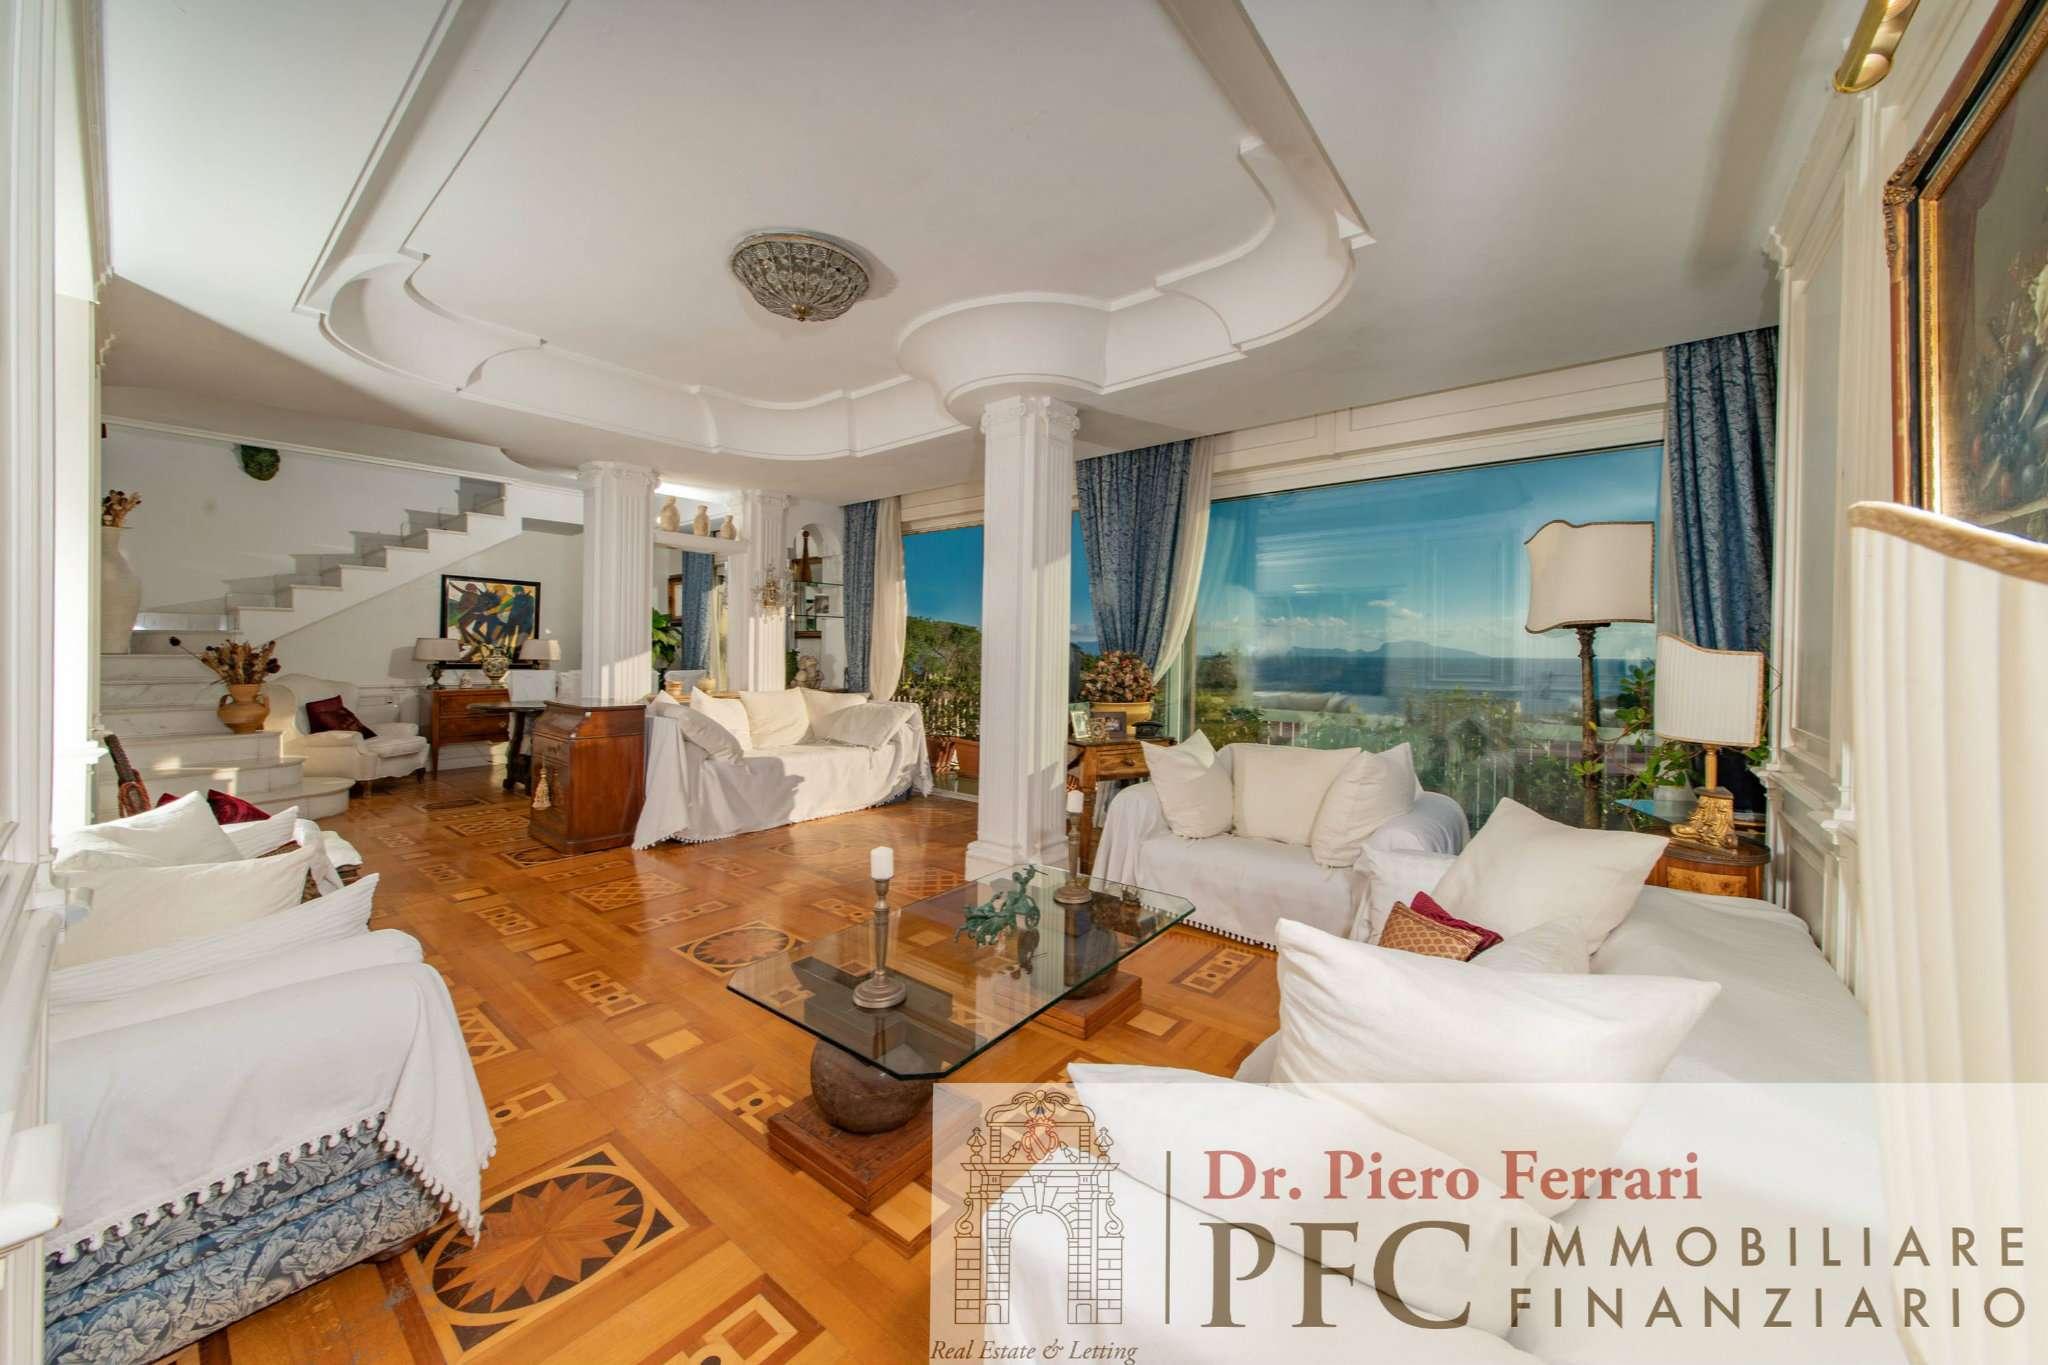 Appartamento in vendita a Napoli, 8 locali, zona Zona: 1 . Chiaia, Posillipo, San Ferdinando, prezzo € 1.199.000   CambioCasa.it